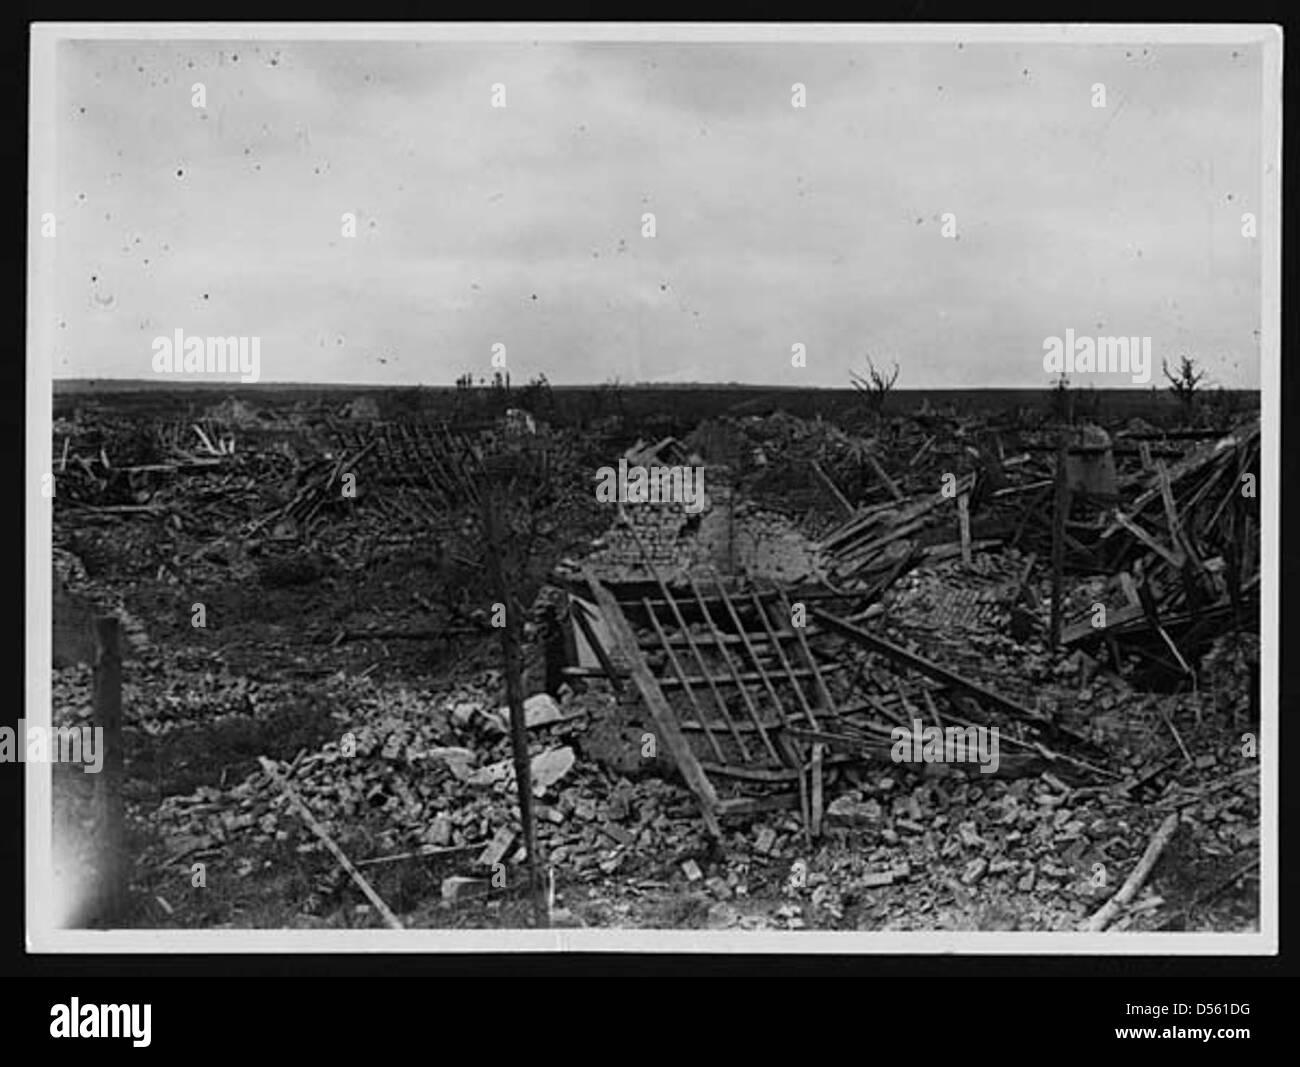 View taken of Pelves - Stock Image